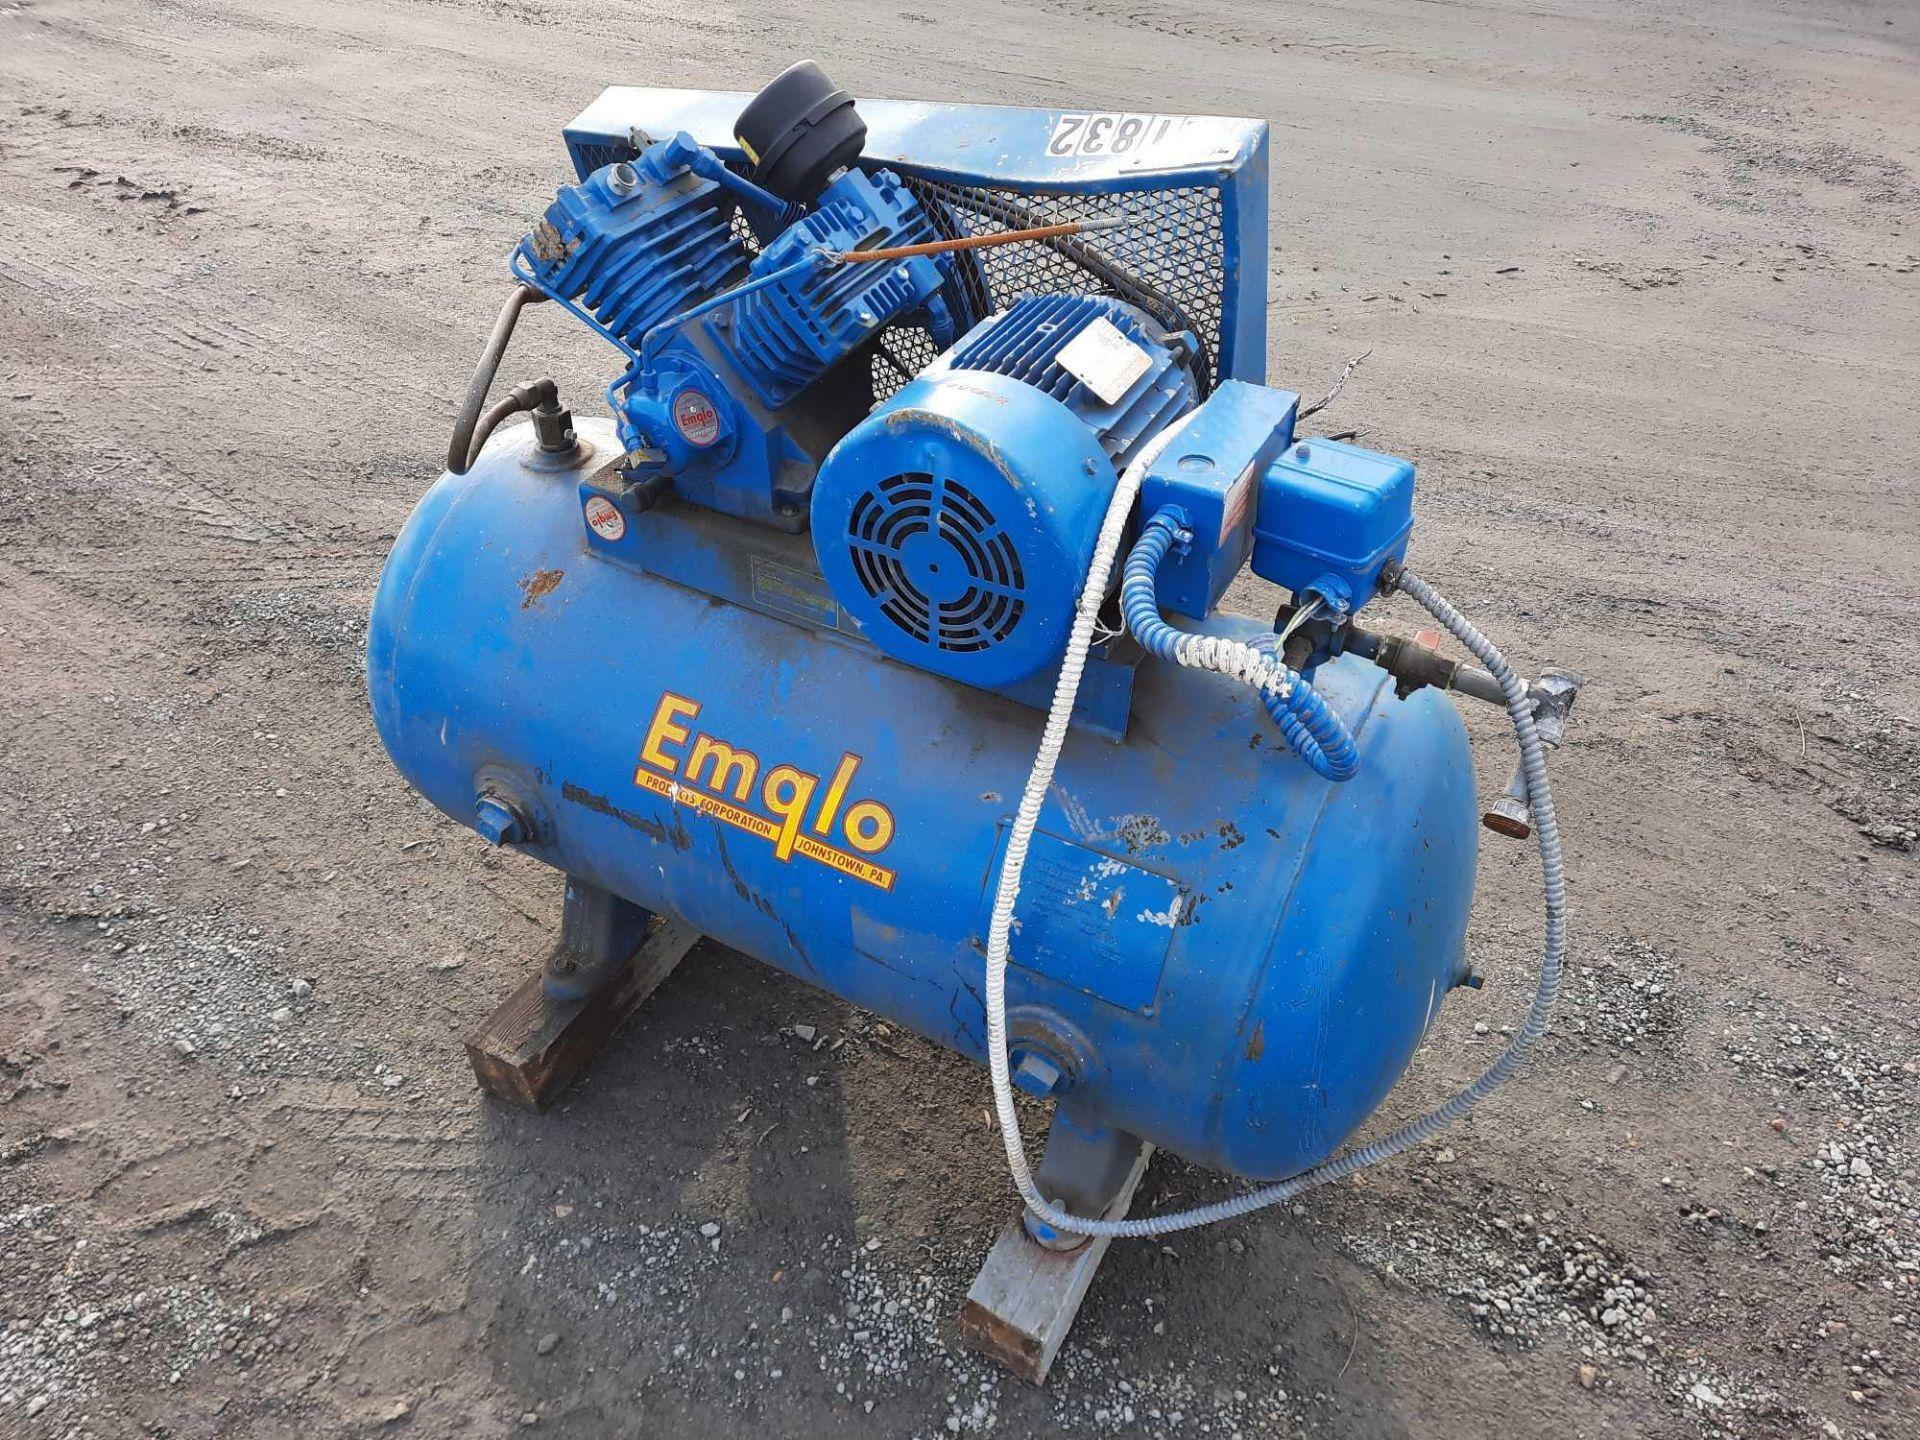 1983 EMGLO GT AIR COMPRESSOR (VDOT UNIT #: N21832)